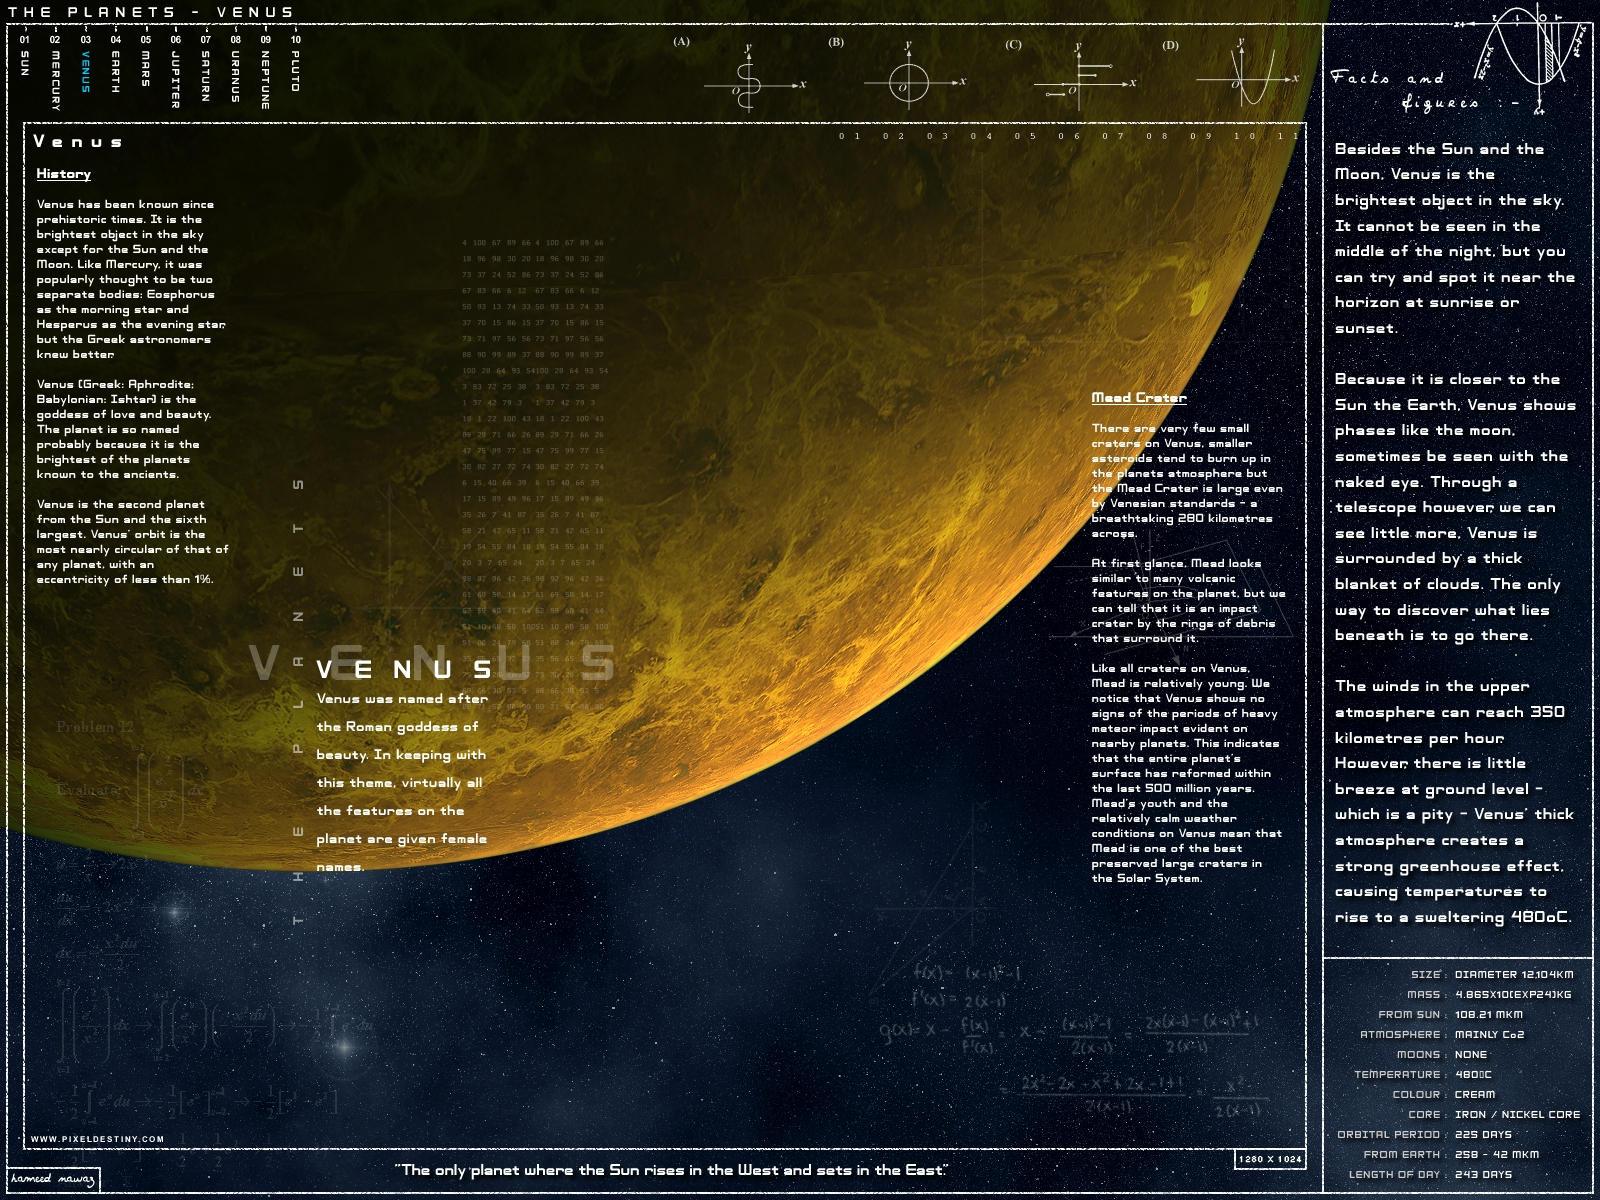 Venus - Scientific Ed by Hameed